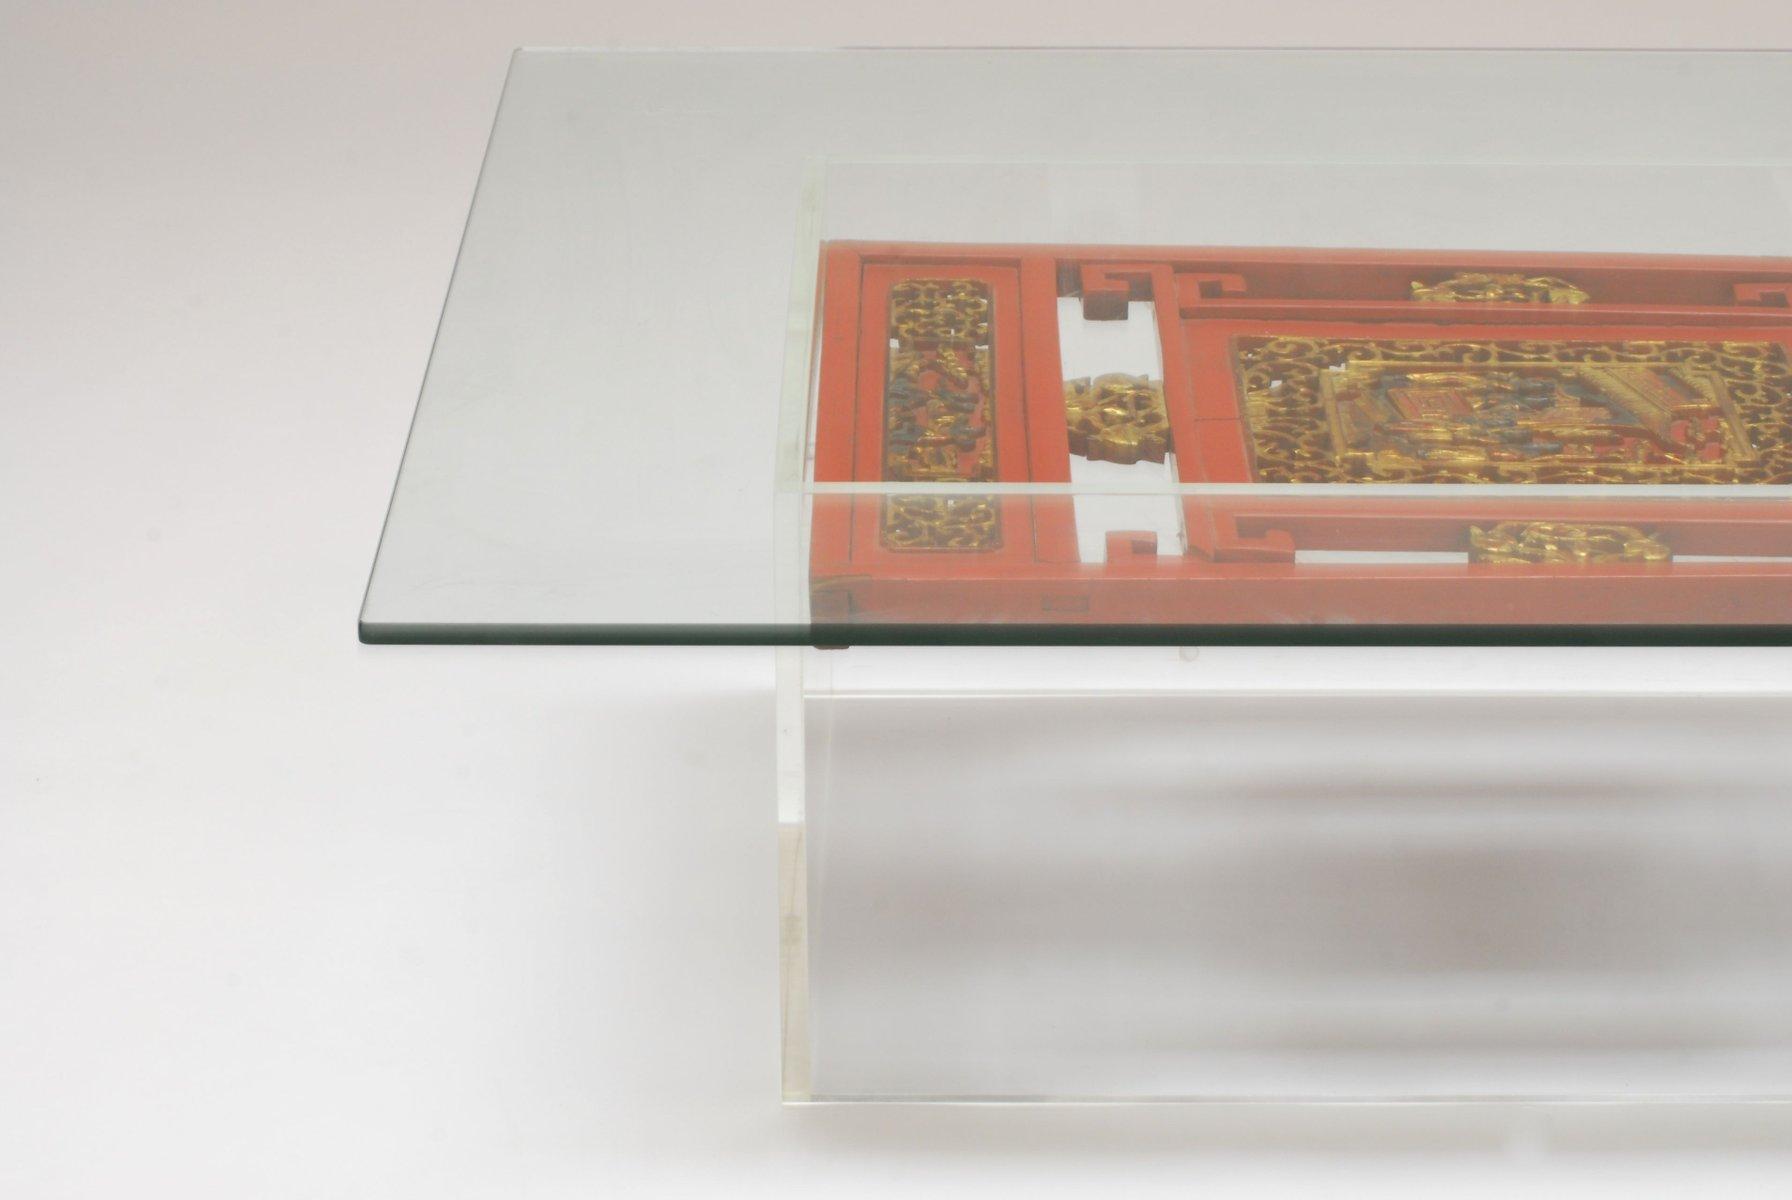 Plexiglas couchtisch mit chinesischen tafeln bei pamono kaufen for Couchtisch plexiglas